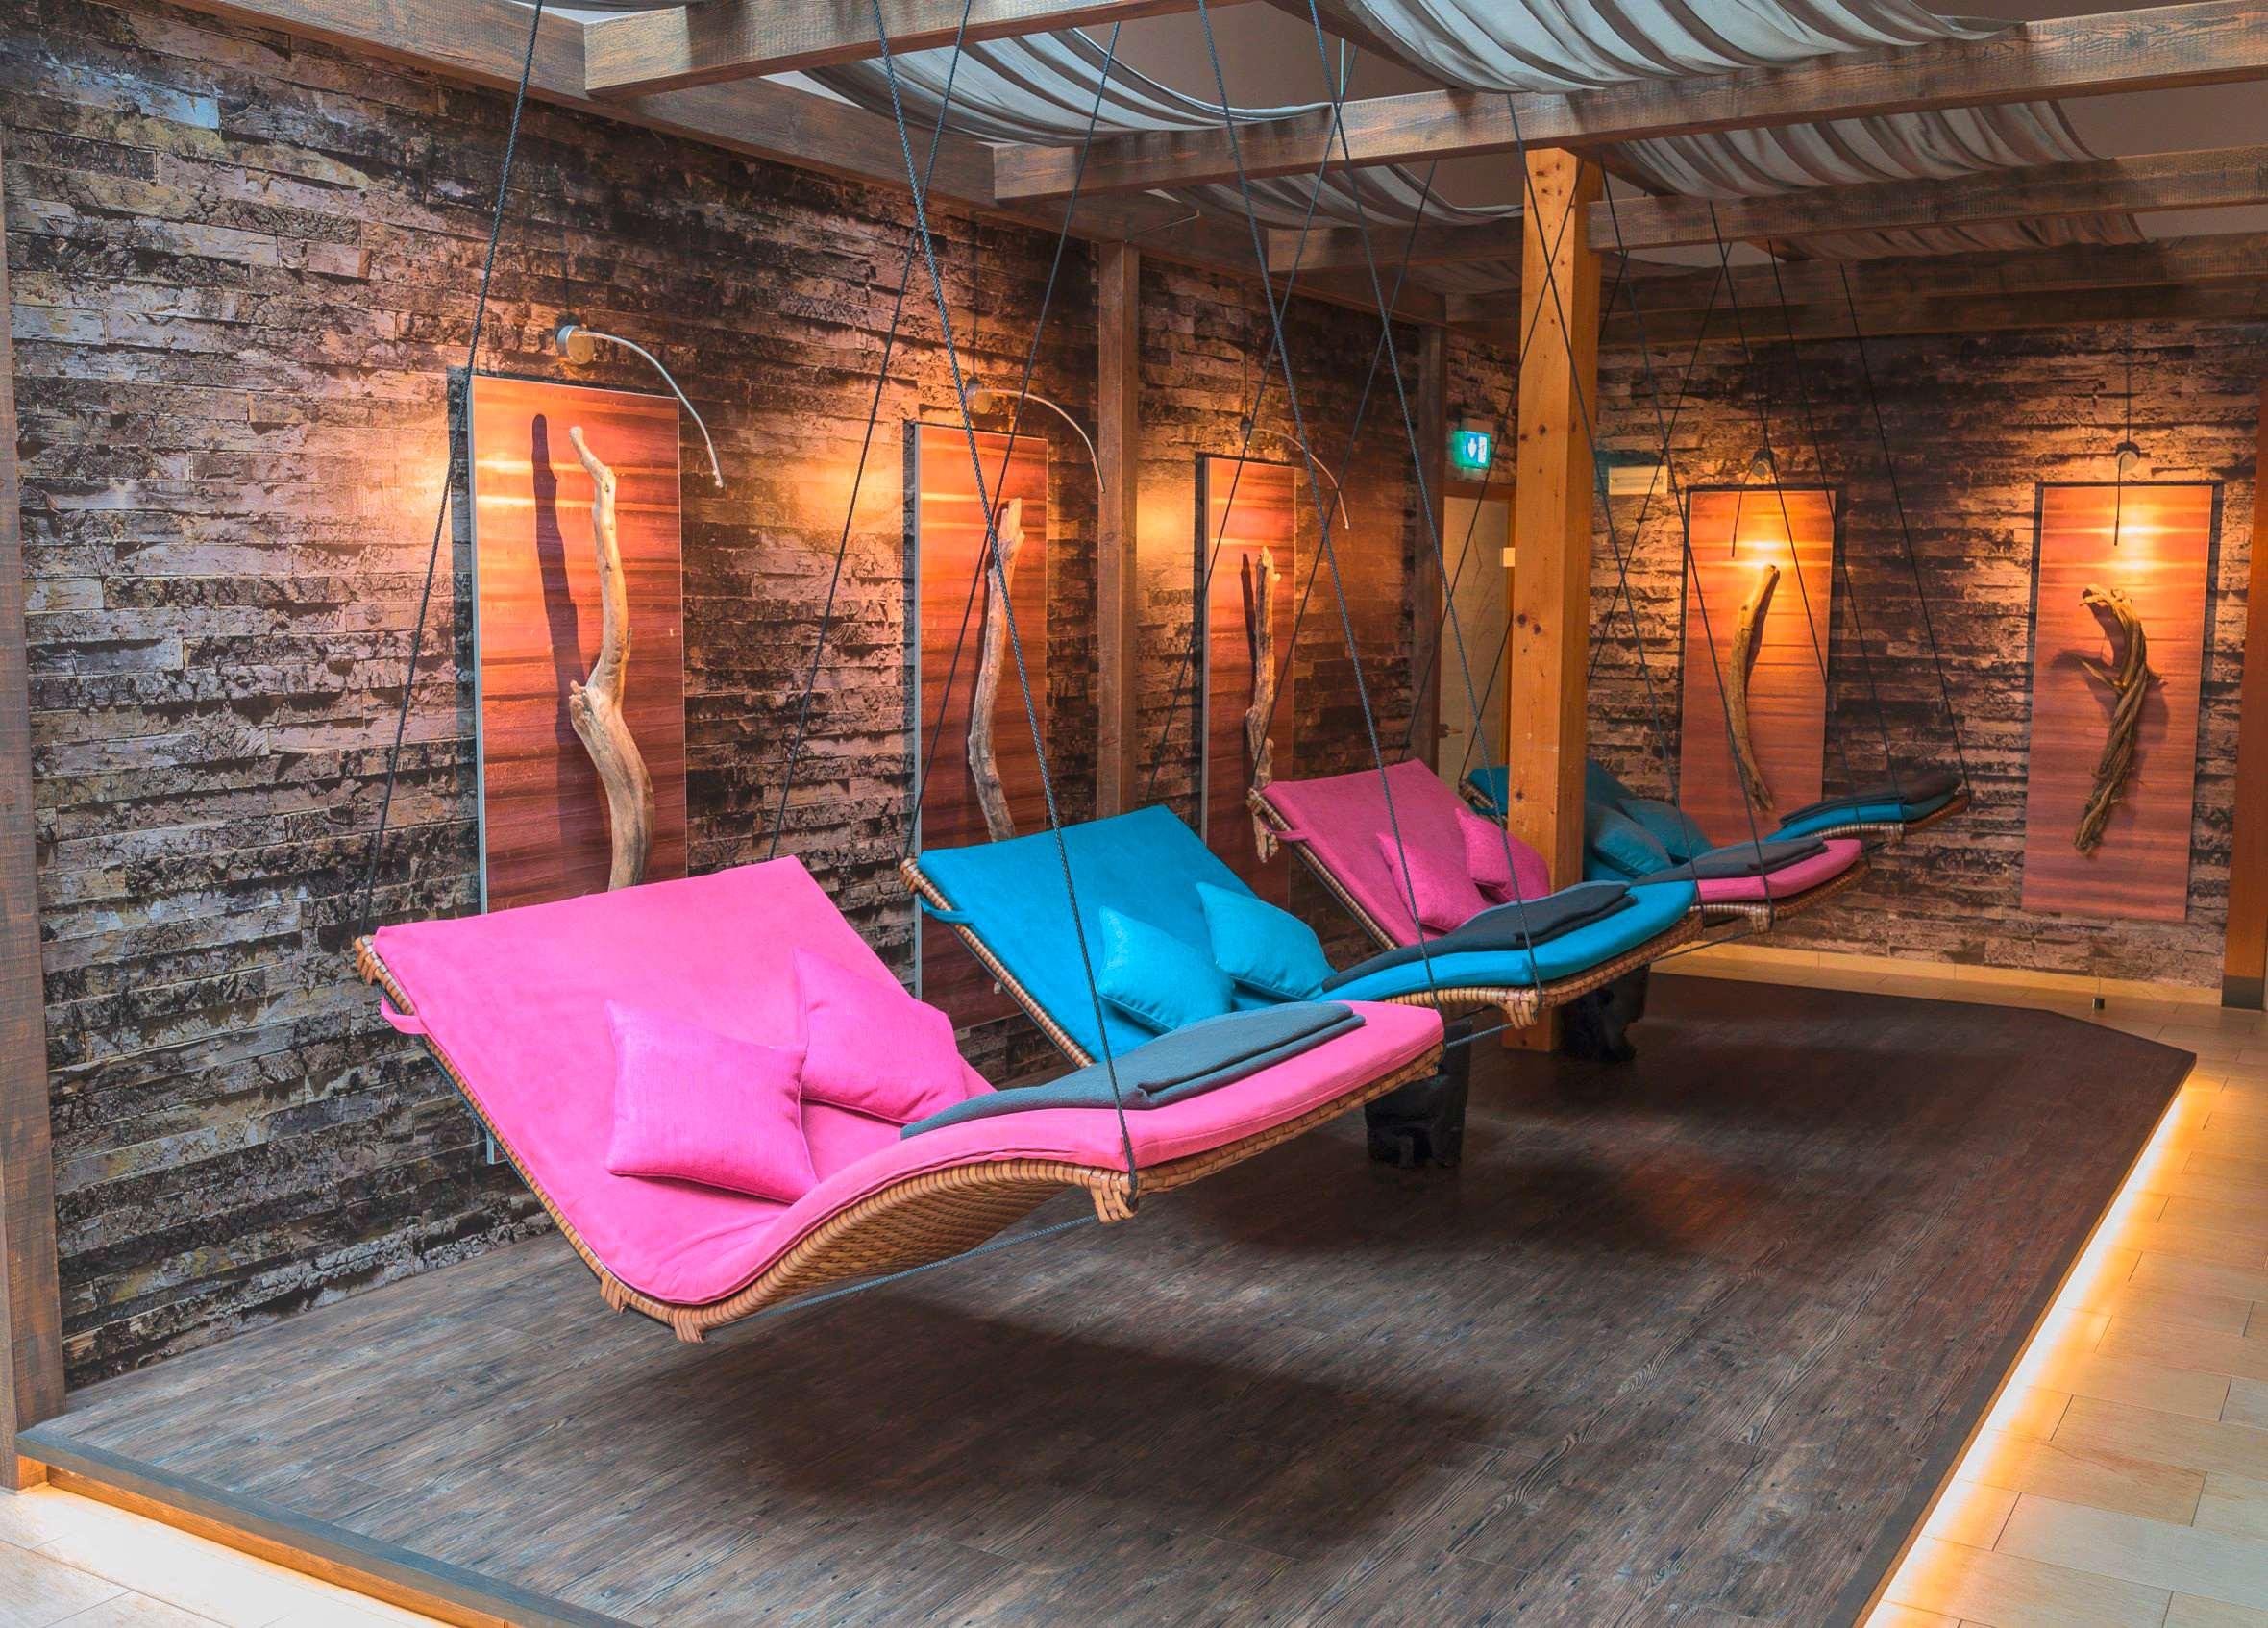 Hängende Liegen in rosa-blau im Hotel Sommer.